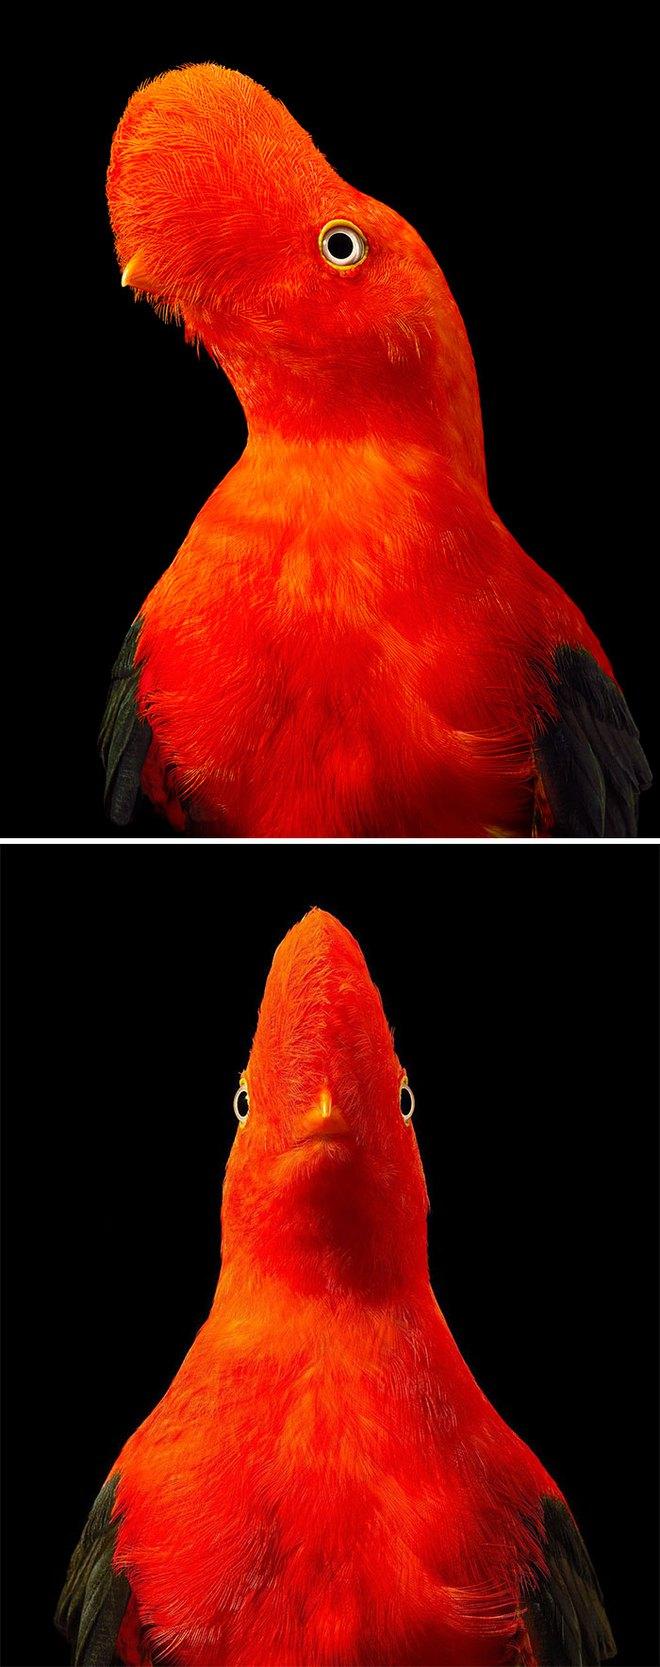 Đầu cắt moi đến râu quai nón - chùm ảnh chân dung cực nghệ của một số loài chim siêu hiếm có khó tìm - ảnh 5